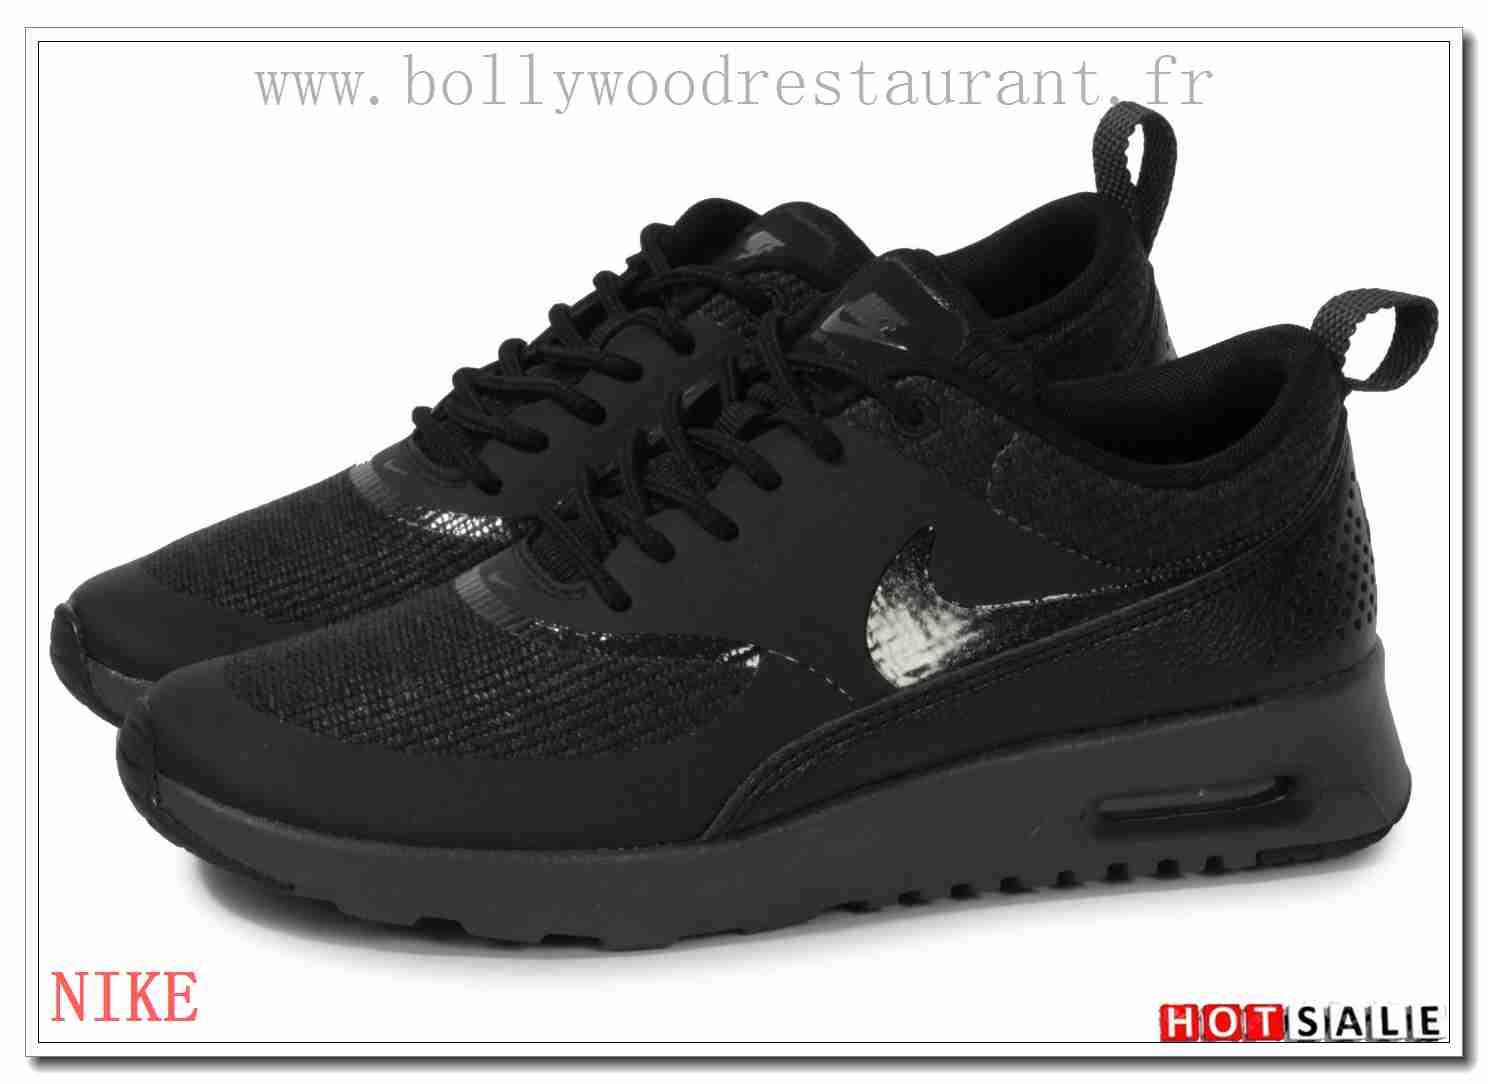 wholesale dealer 2efa7 2d847 Chaussure Nike Air Max Thea pour Femme